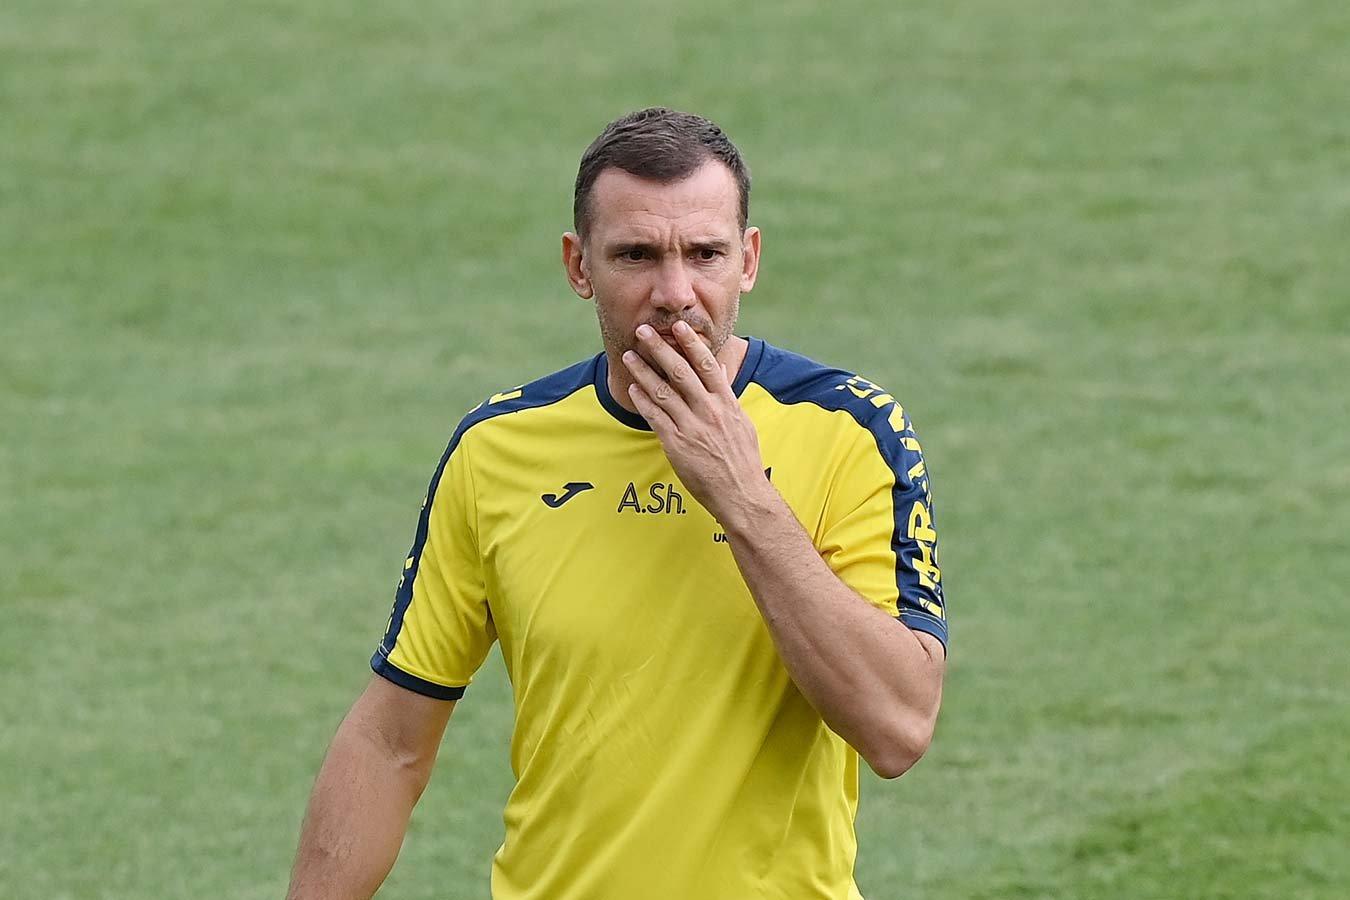 Андрей Шевченко прокомментировал информацию о конфликте между игроками сборной Украины